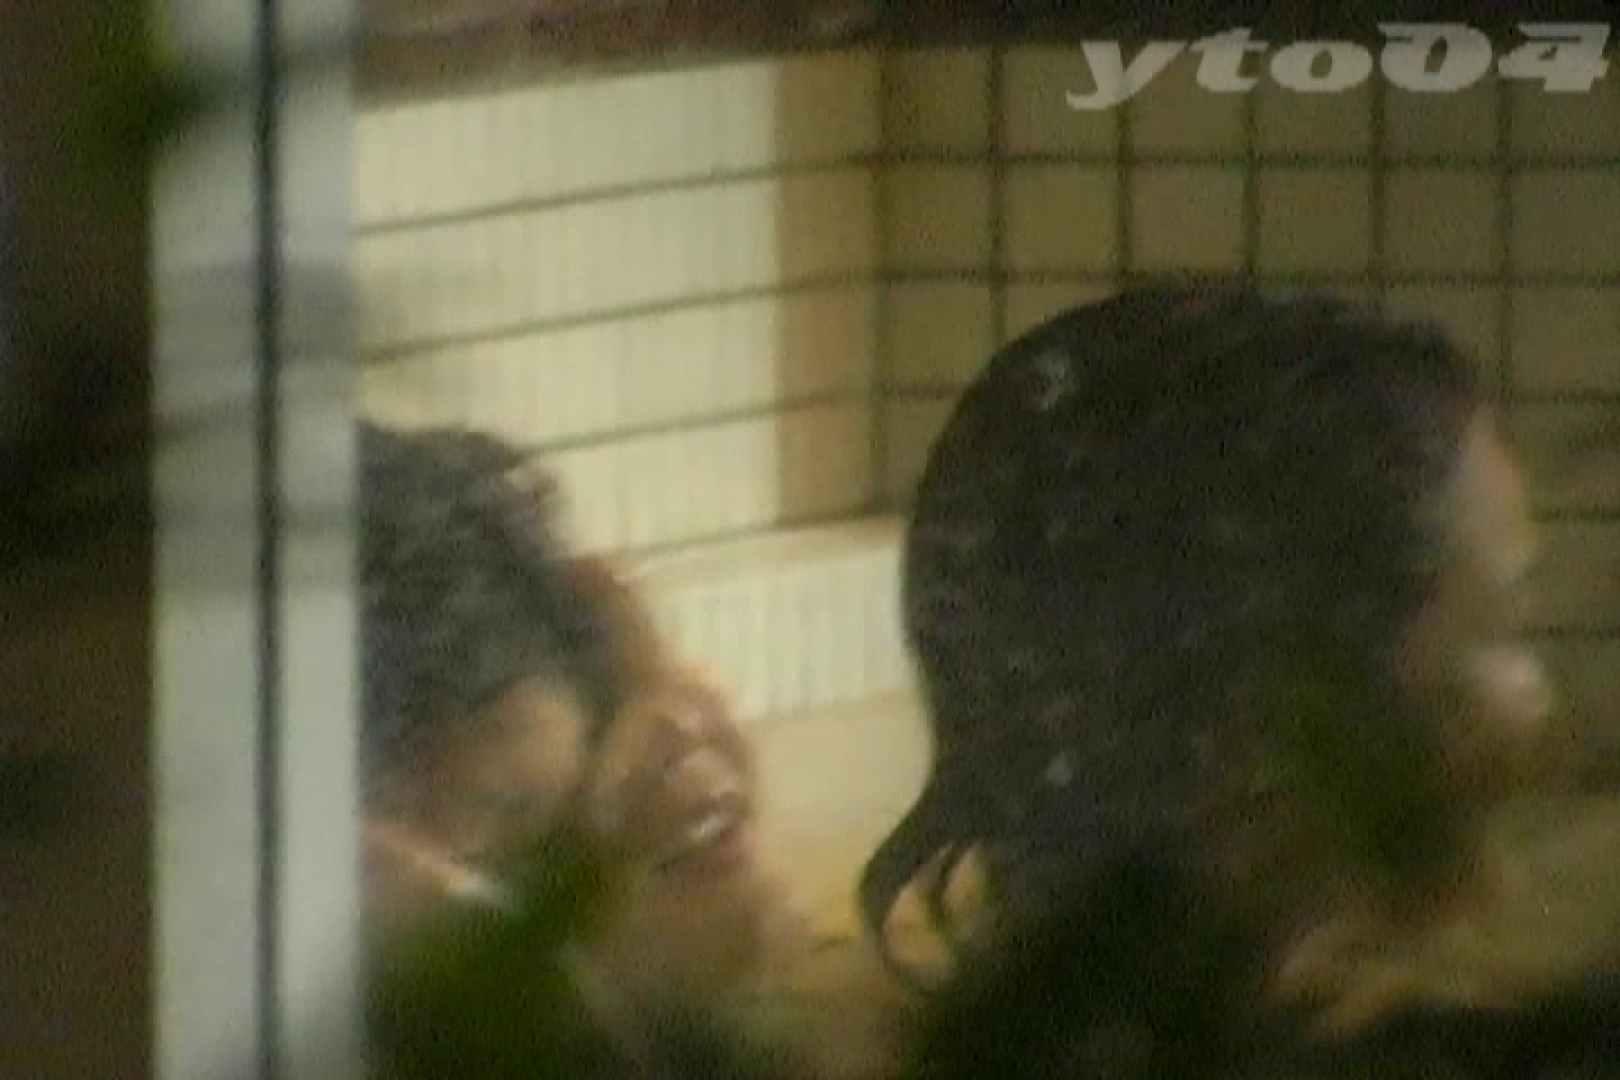 ▲復活限定▲合宿ホテル女風呂盗撮 Vol.22 OLのボディ セックス無修正動画無料 74PIX 56